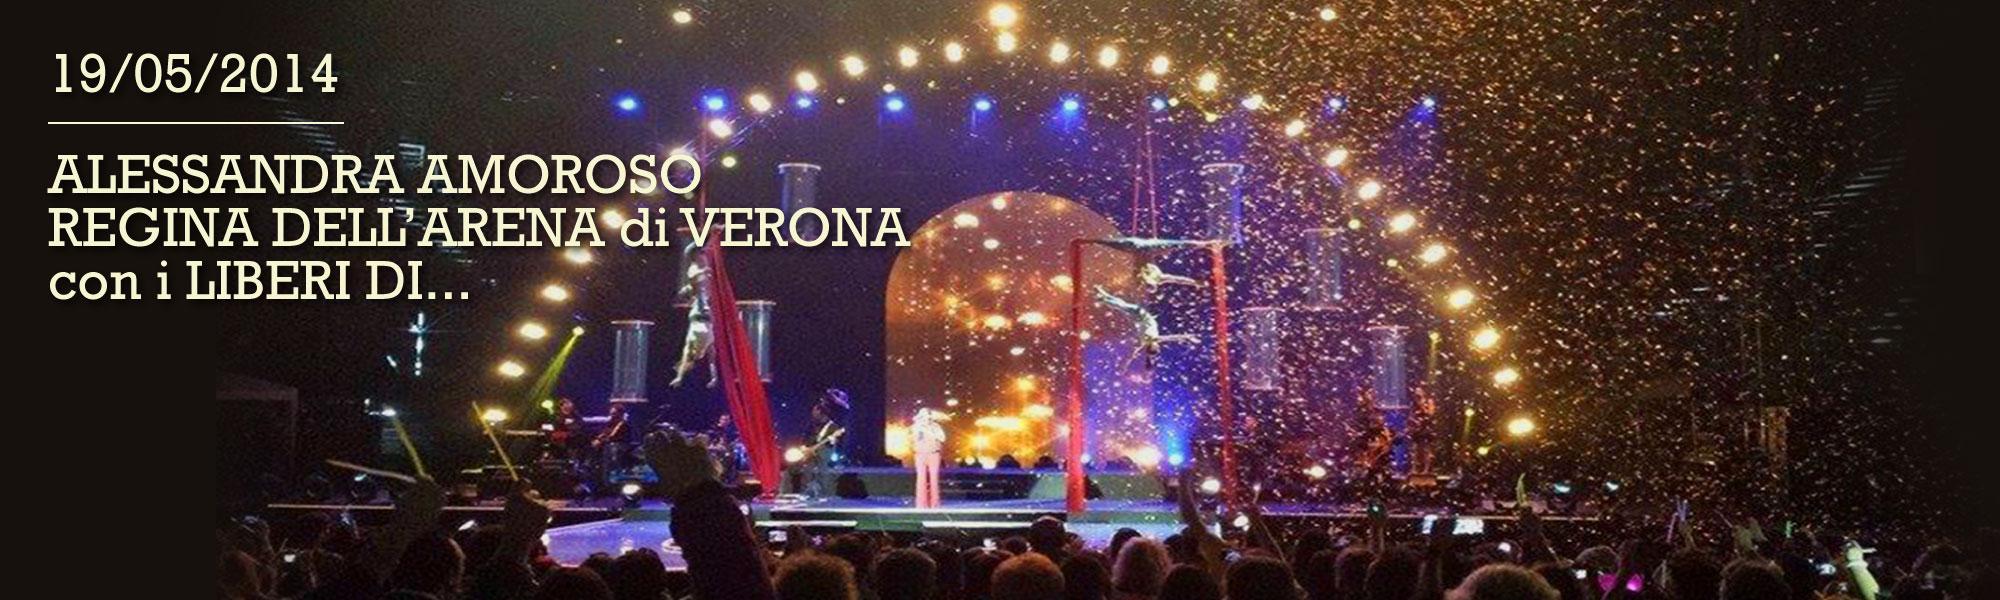 Alessandra Amoroso, regina all'Arena di Verona con i Liberi Di